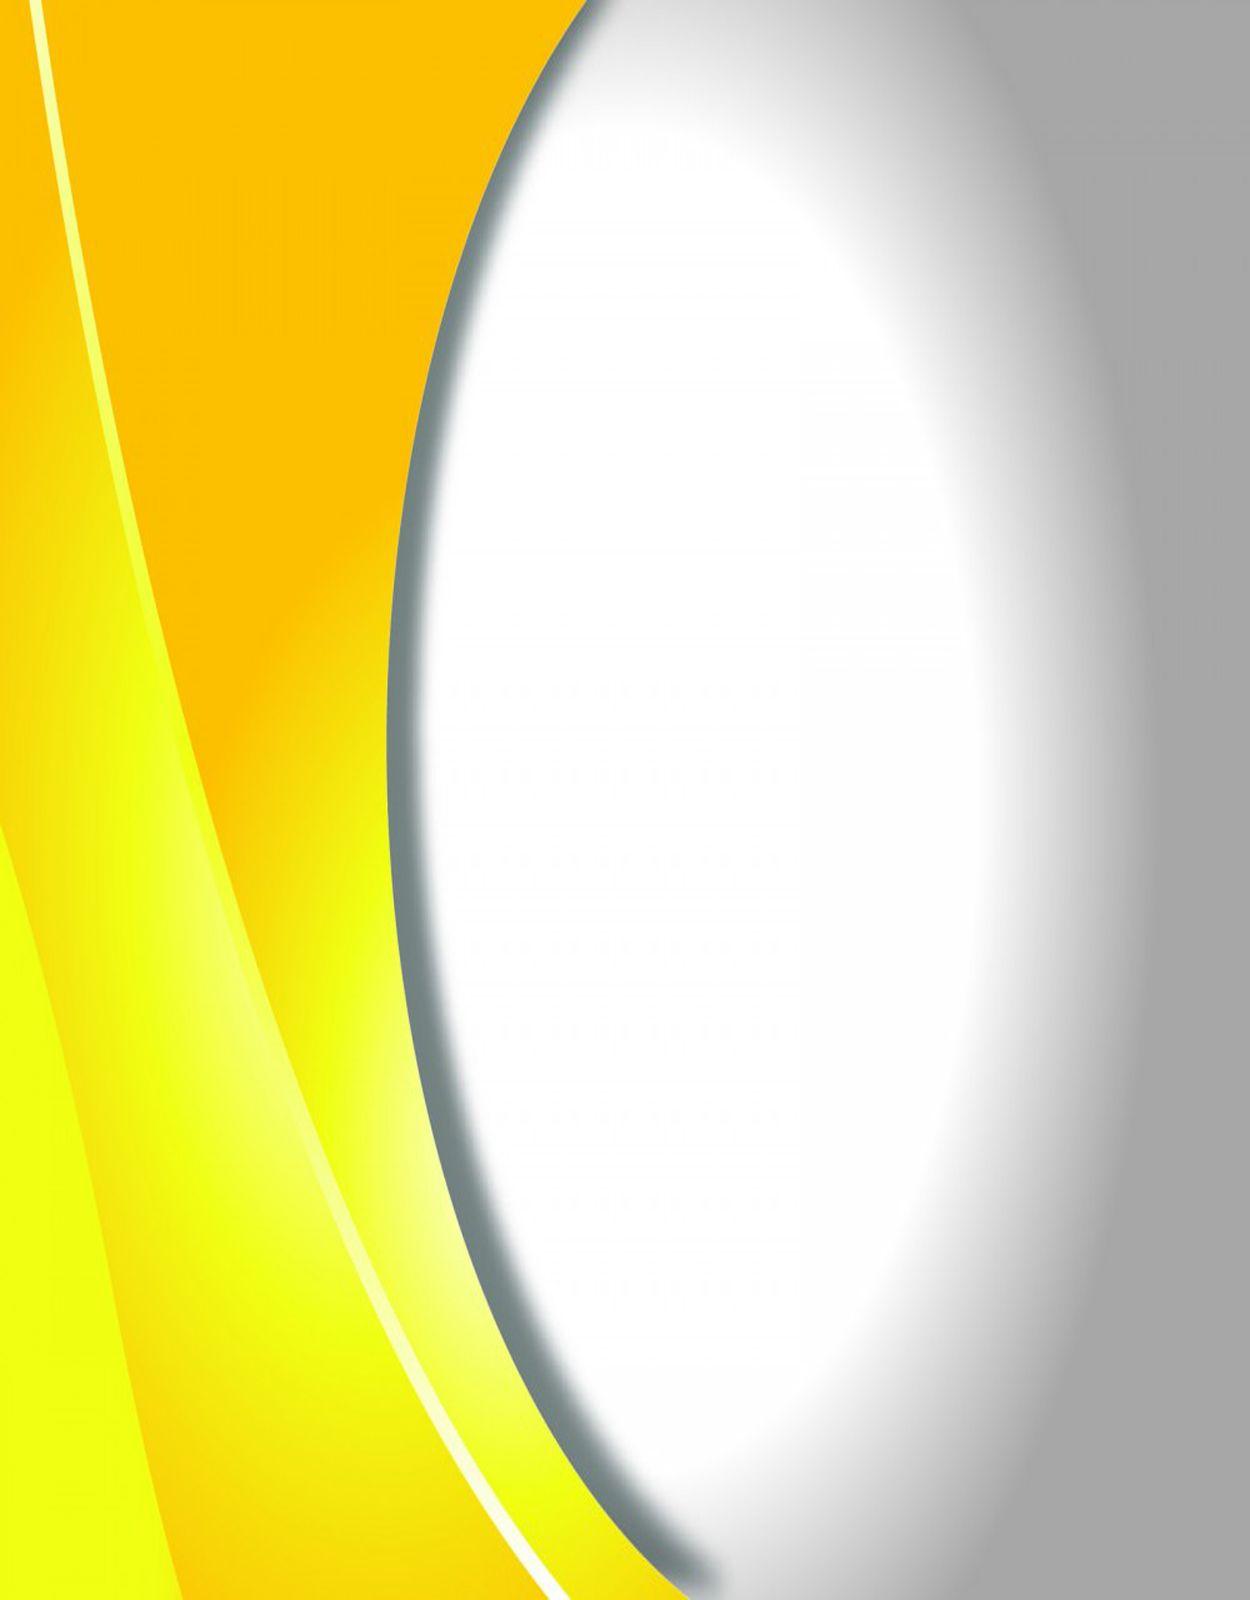 caratula amarillo y blanco para trabajos